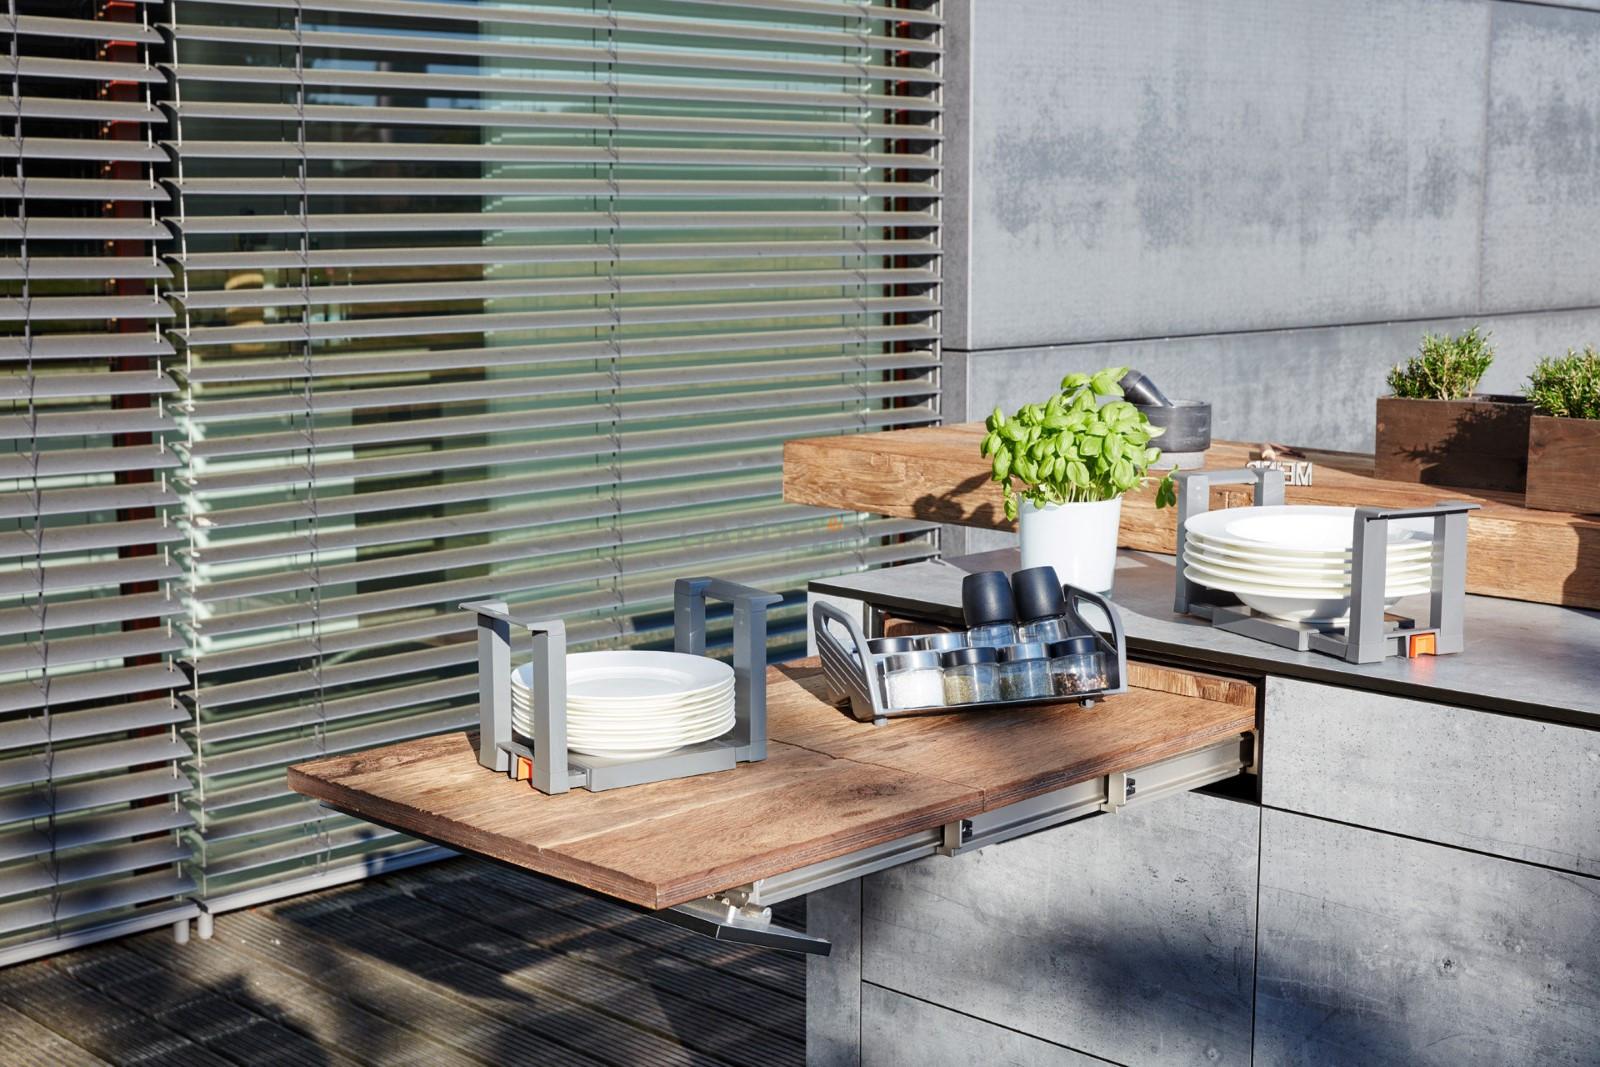 Outdoorküche Tür Preis : Bbqtion outdoor küche von village garden